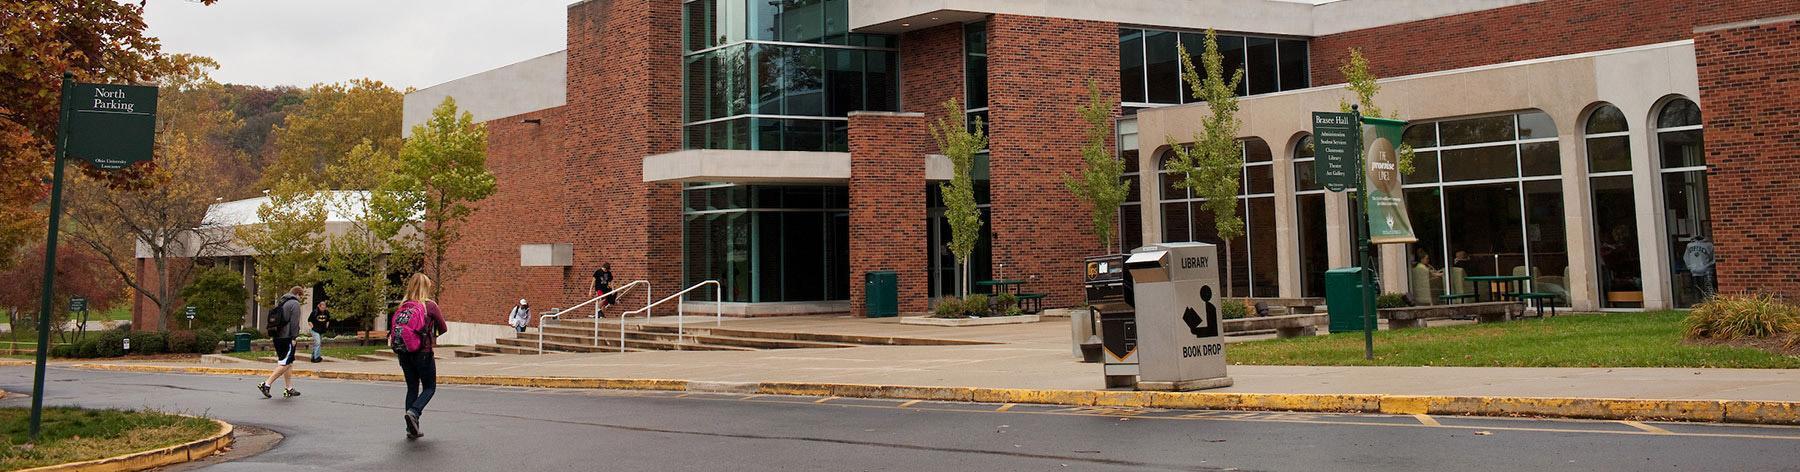 OHIO Locations | Ohio University